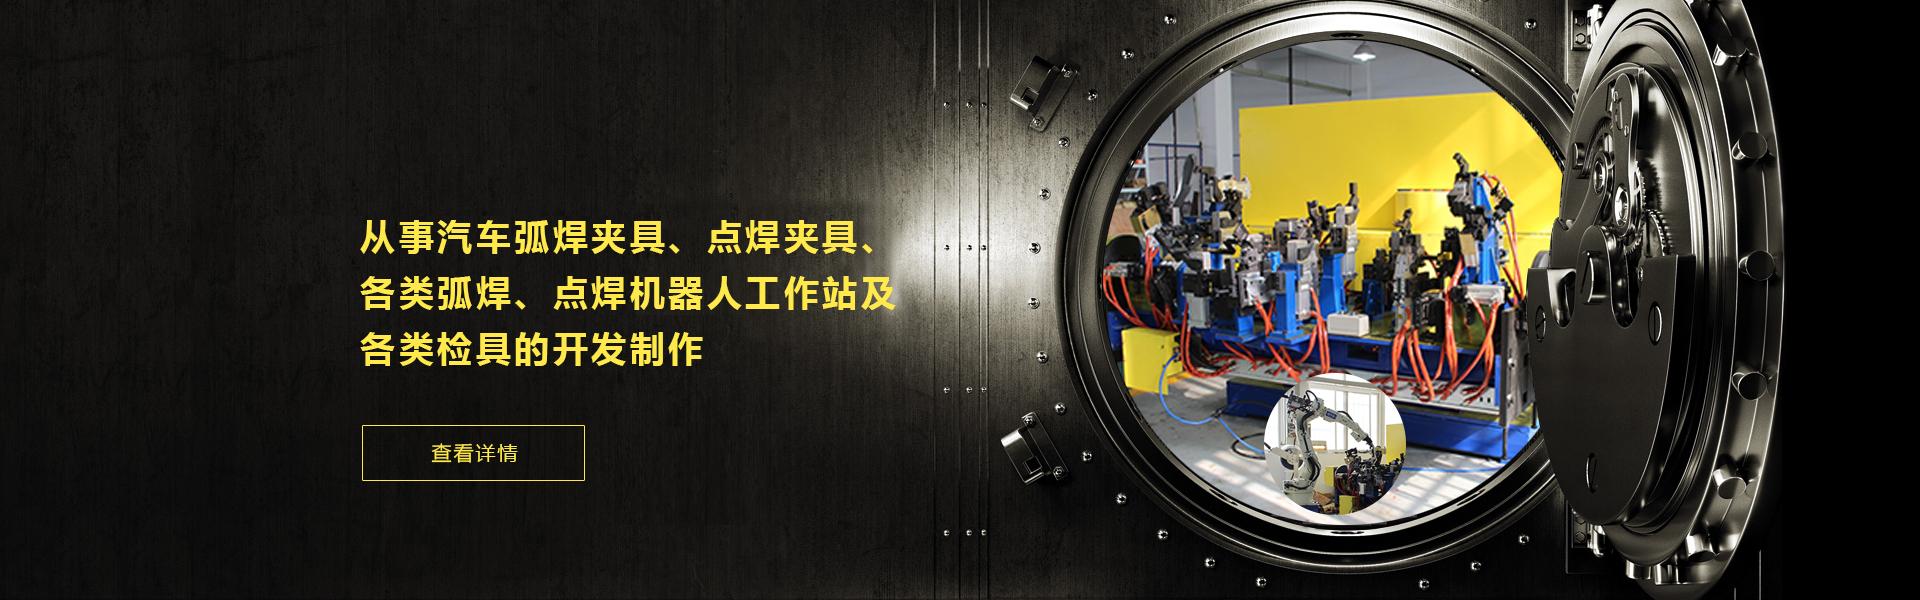 常熟市创新焊接设备有限公司